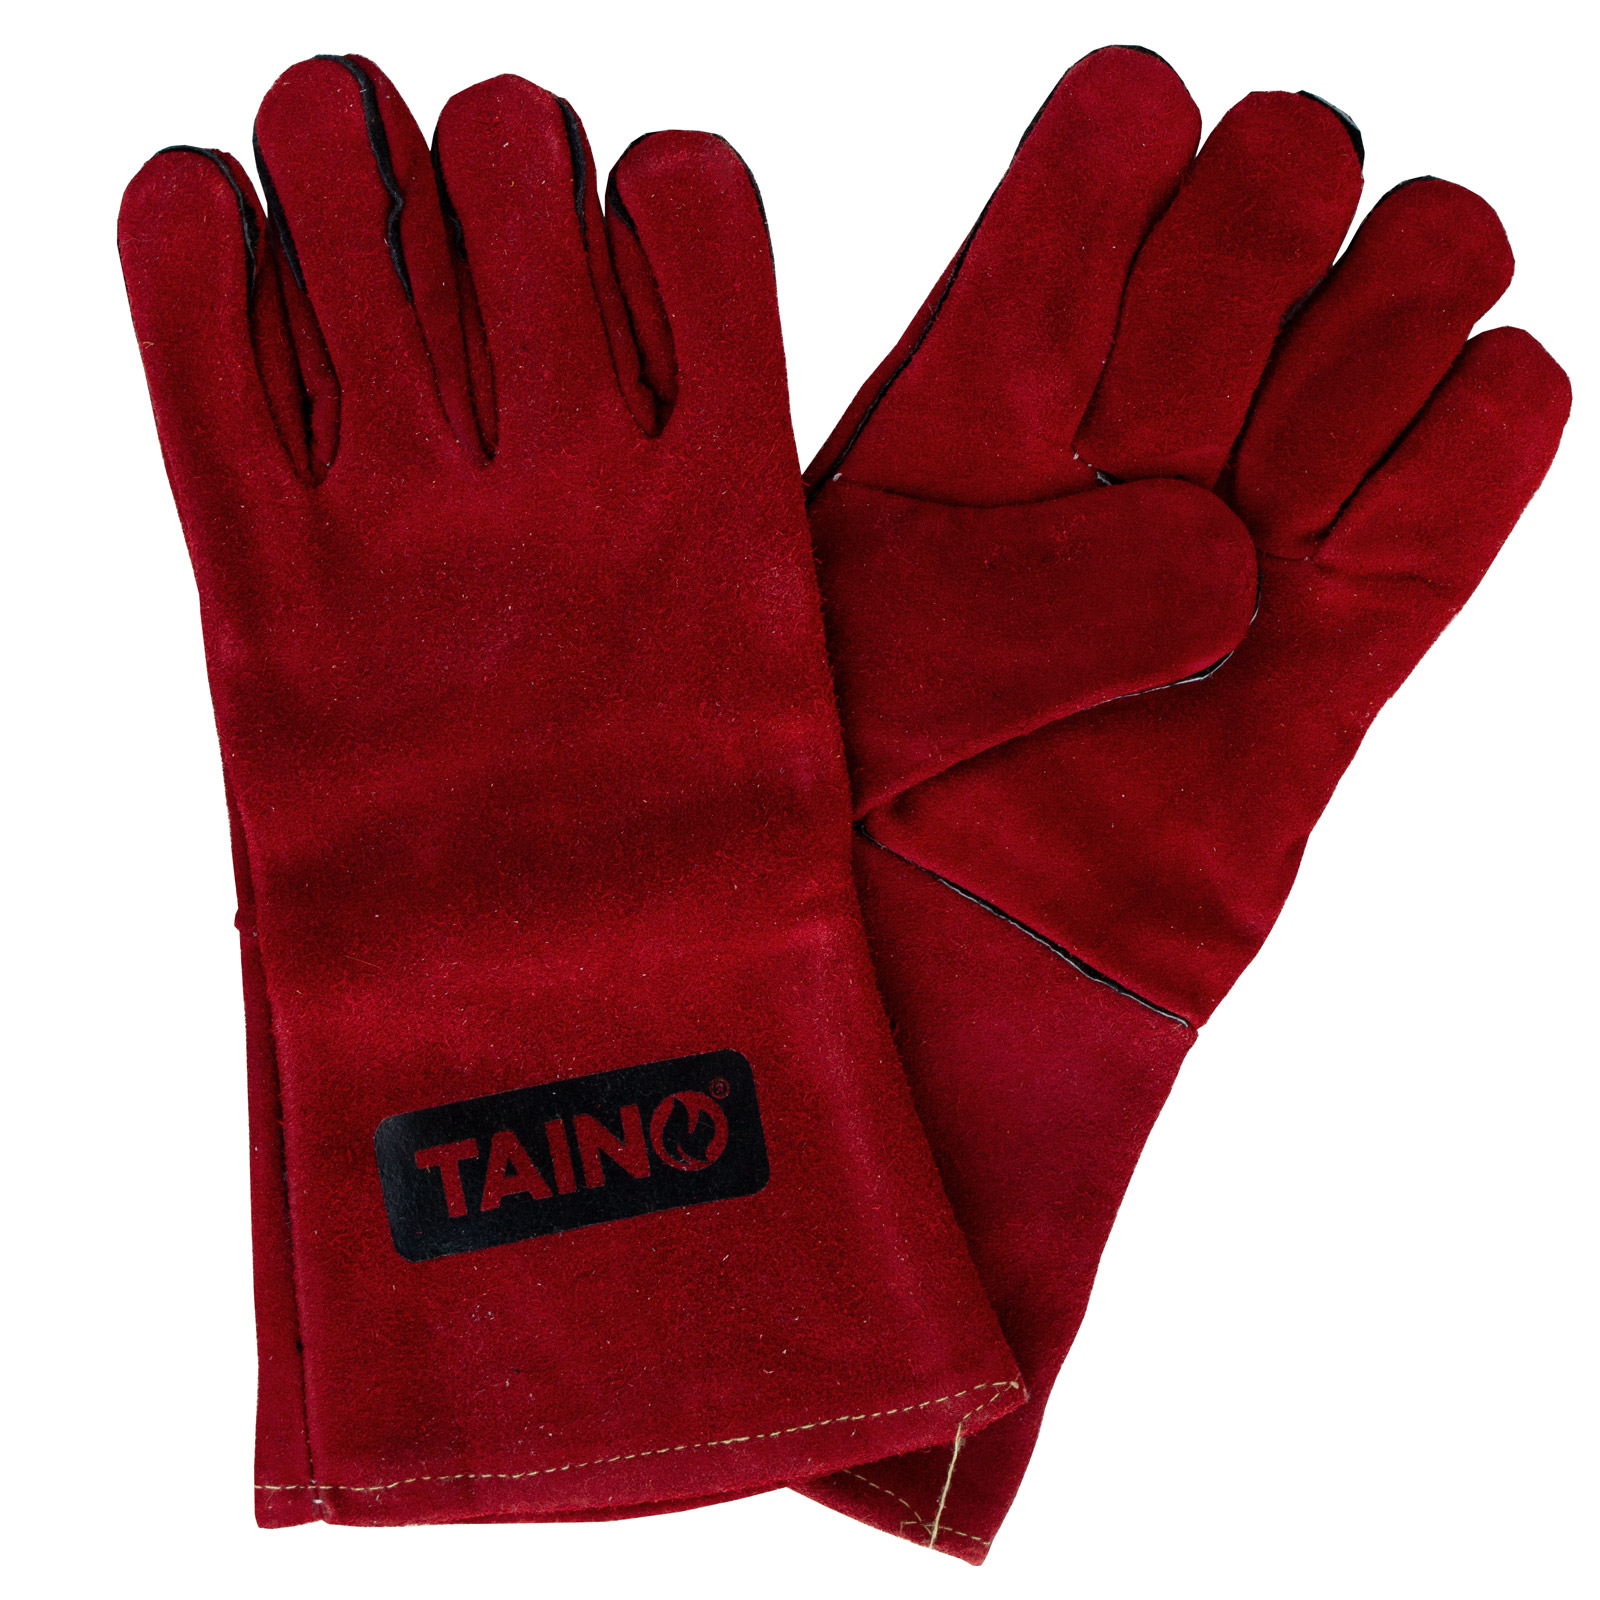 99931 TAINO Grillhandschuhe Leder Hitzebeständig mit Fingern Universalgröße Rot